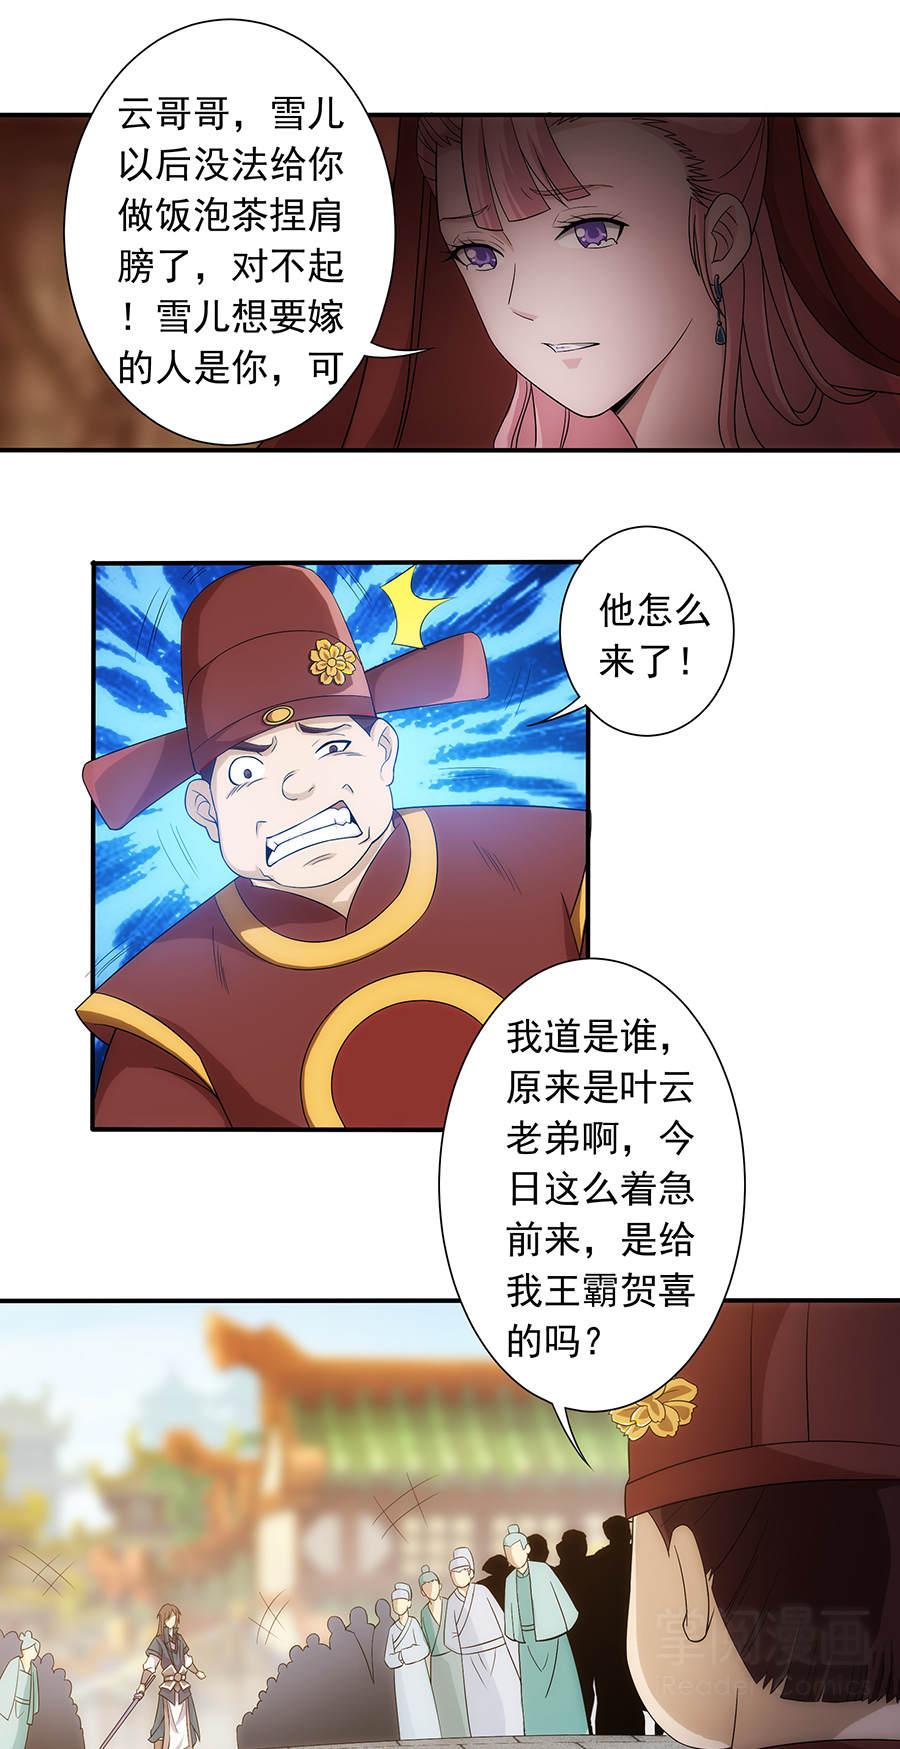 绝世剑神第4话  怒劫花轿 第 4